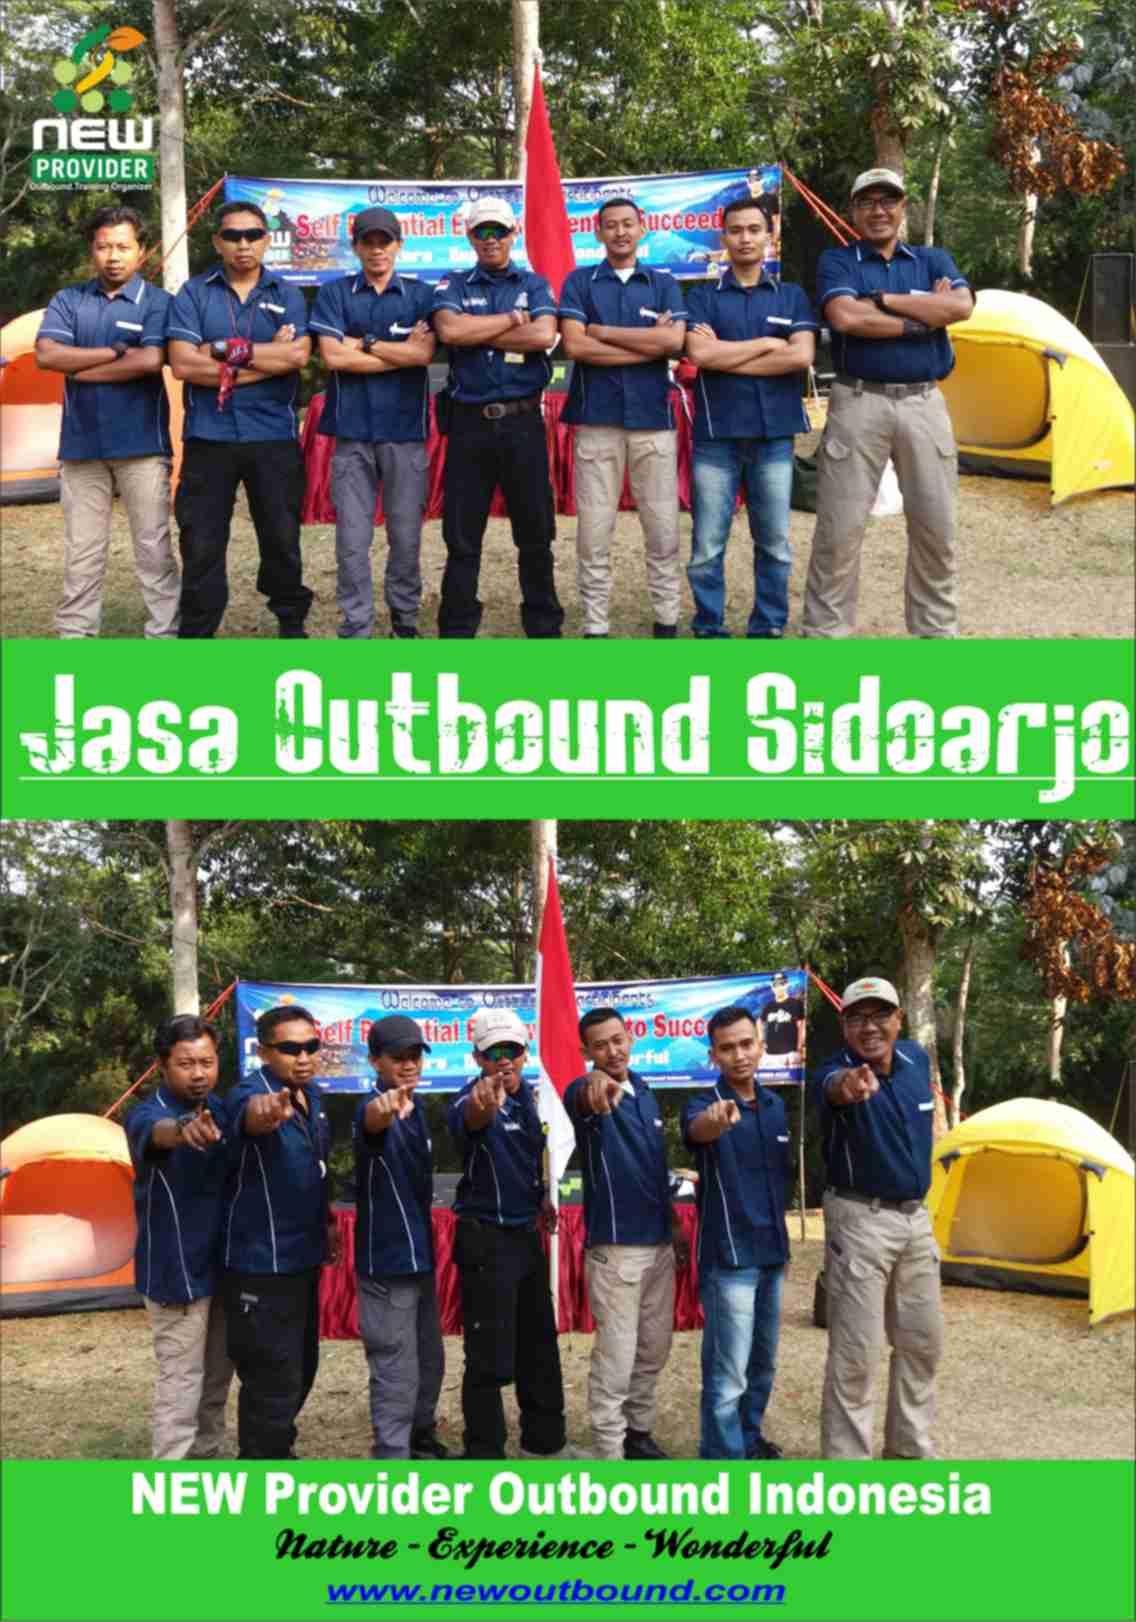 jasa outbound sidoarjo